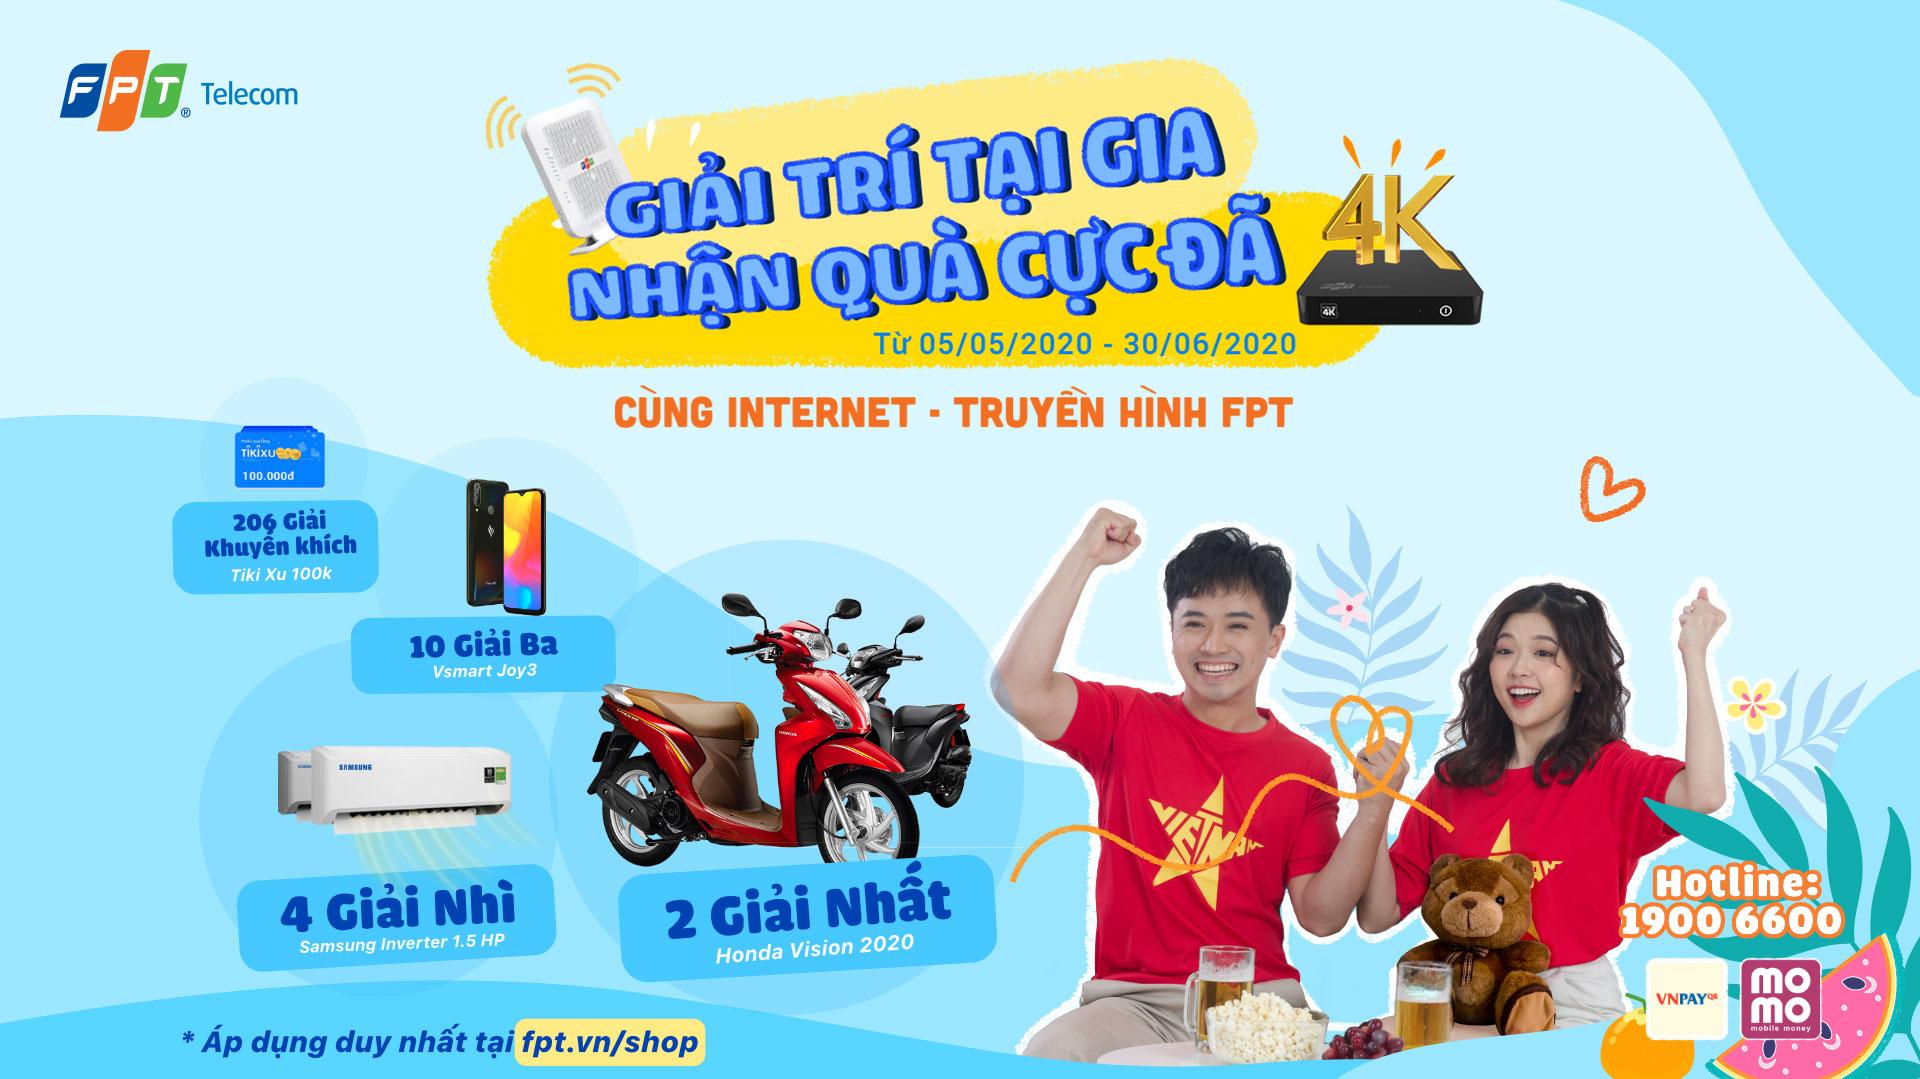 Fpt Telecom Khach Hang Ca Nhan Khuyến Mại Internet Fpt Giải Tri Tại Gia Nhận Honda Vision Cung Internet Truyền Hinh Fpt